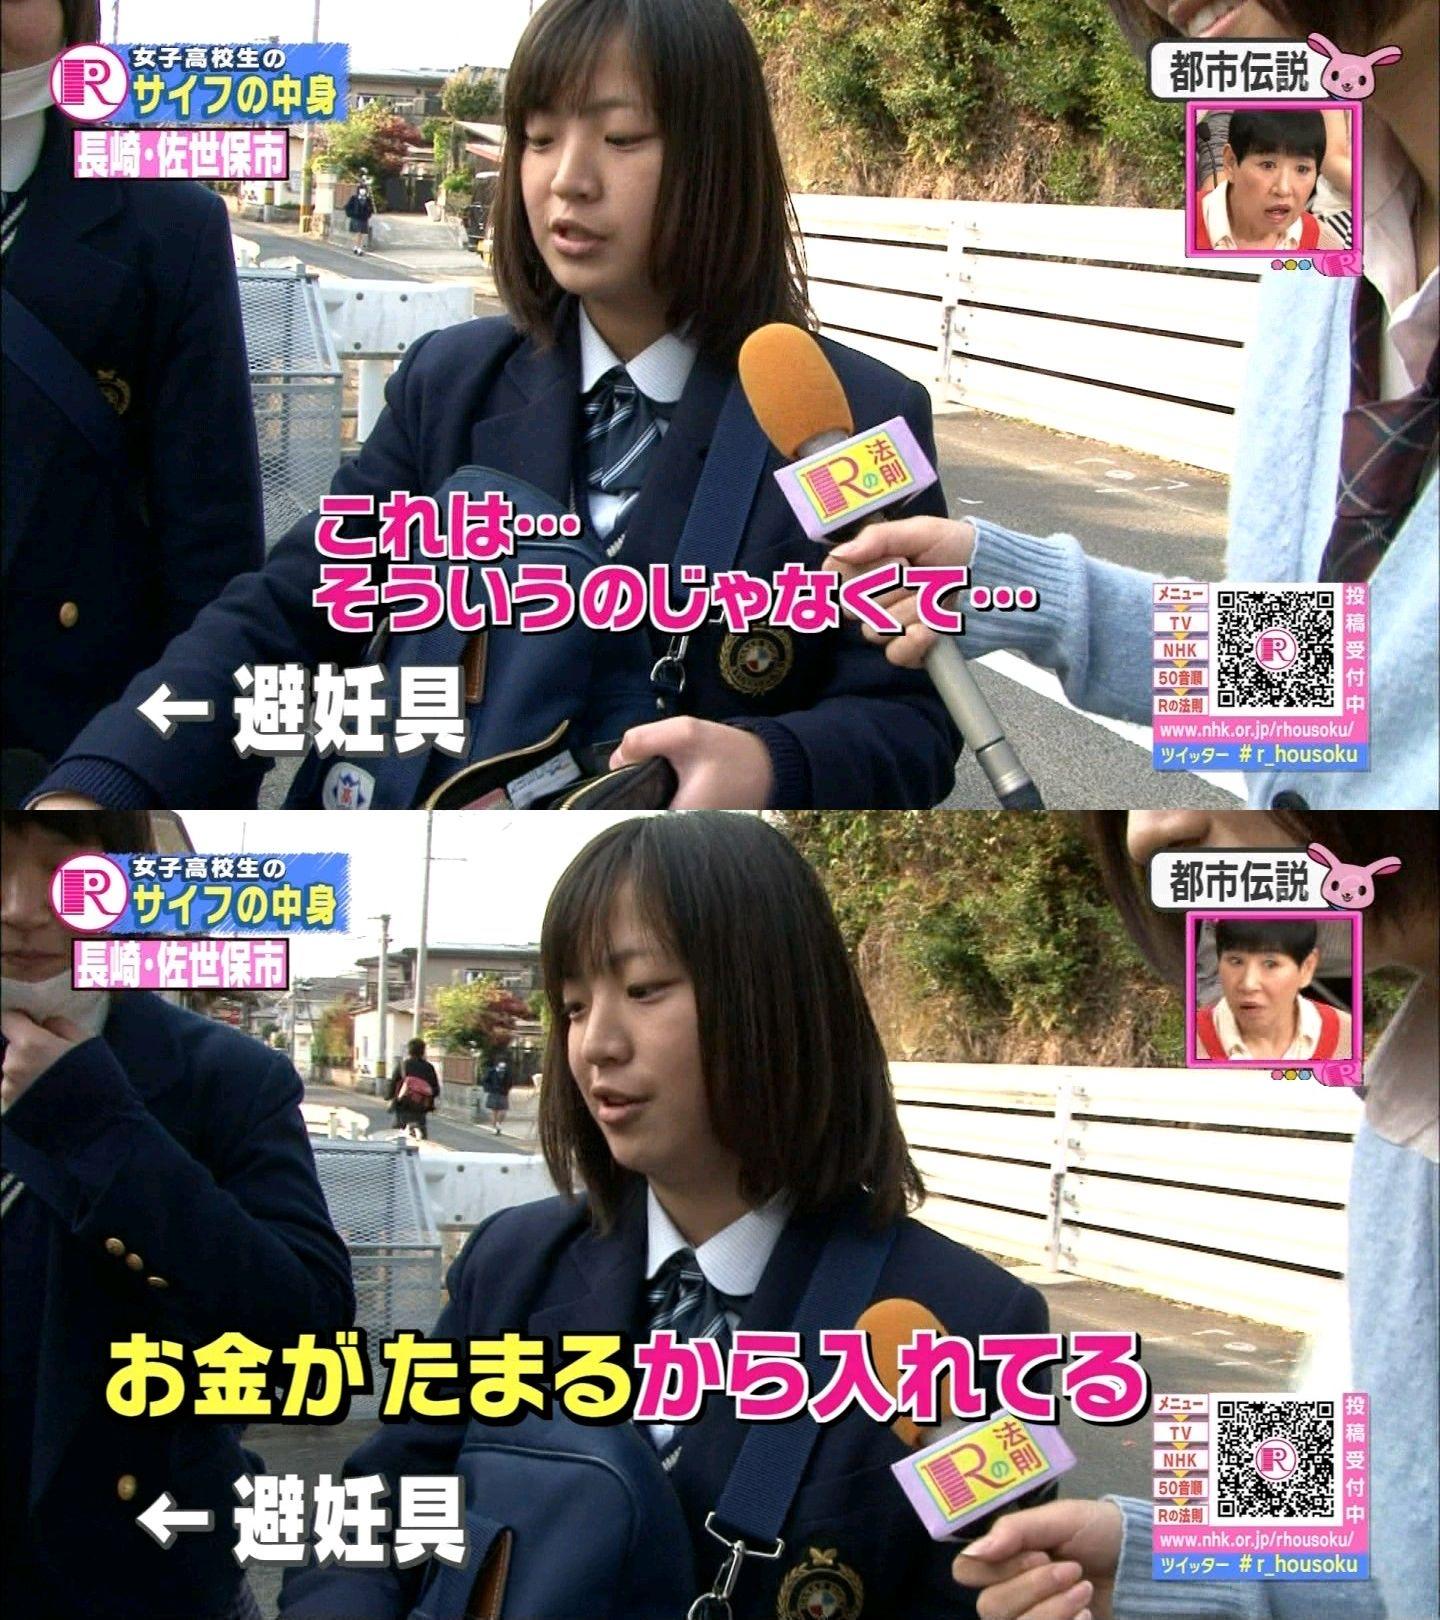 JKさん、財布にコンドーム入れてるのがバレるが苦しい言い訳をする放送事故wwwwwwwww Mghiq3o